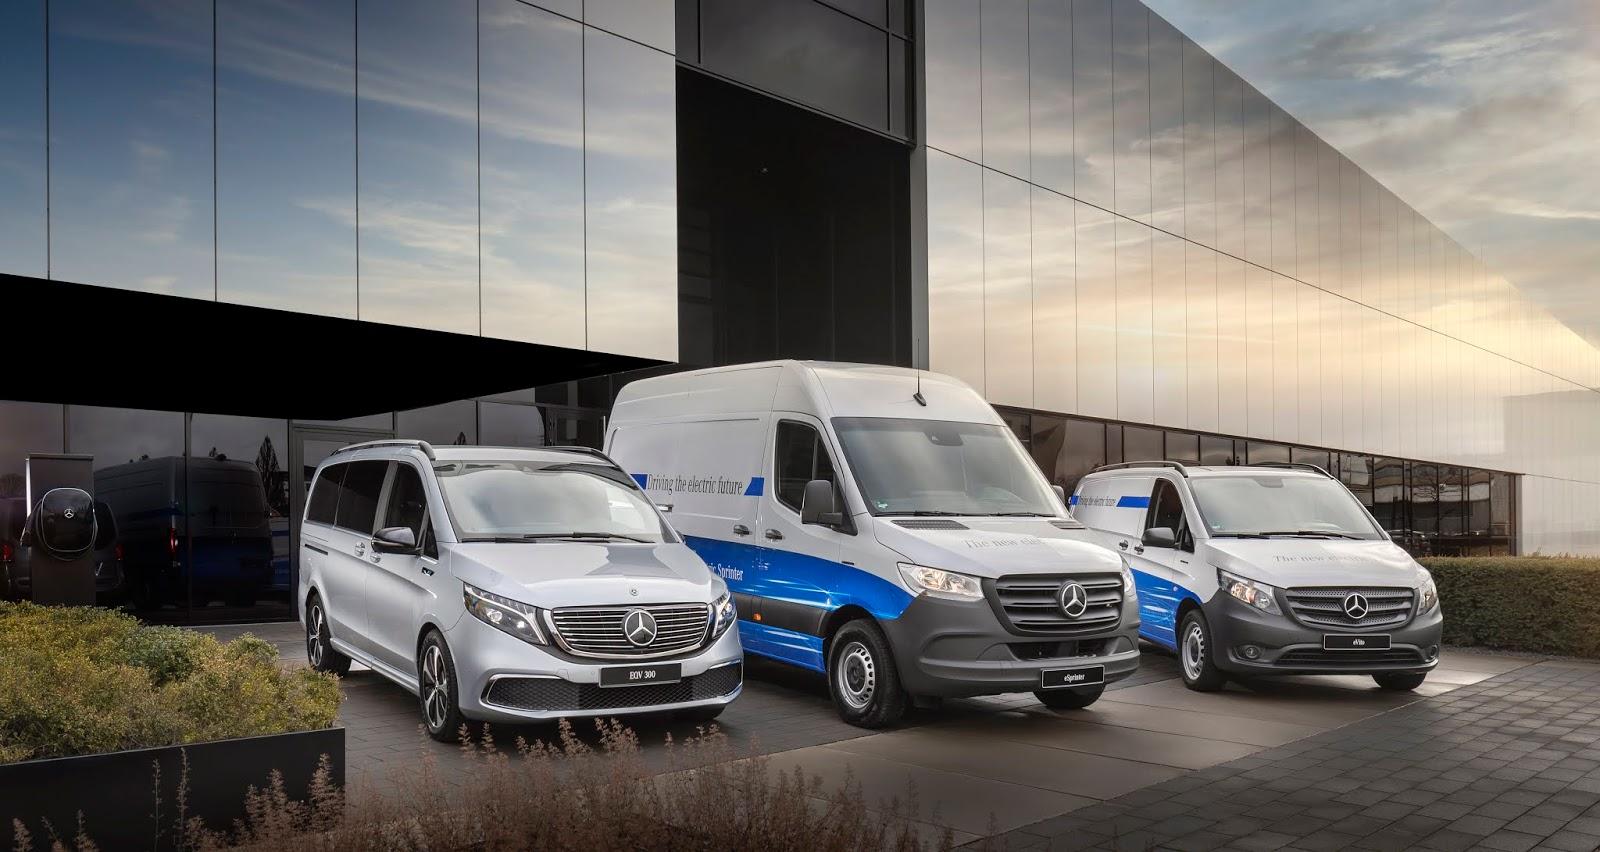 21C0112 001 1 Mercedes-Benz Vans : Μήπως σας κάνει και εσάς η ηλεκτροκίνηση;